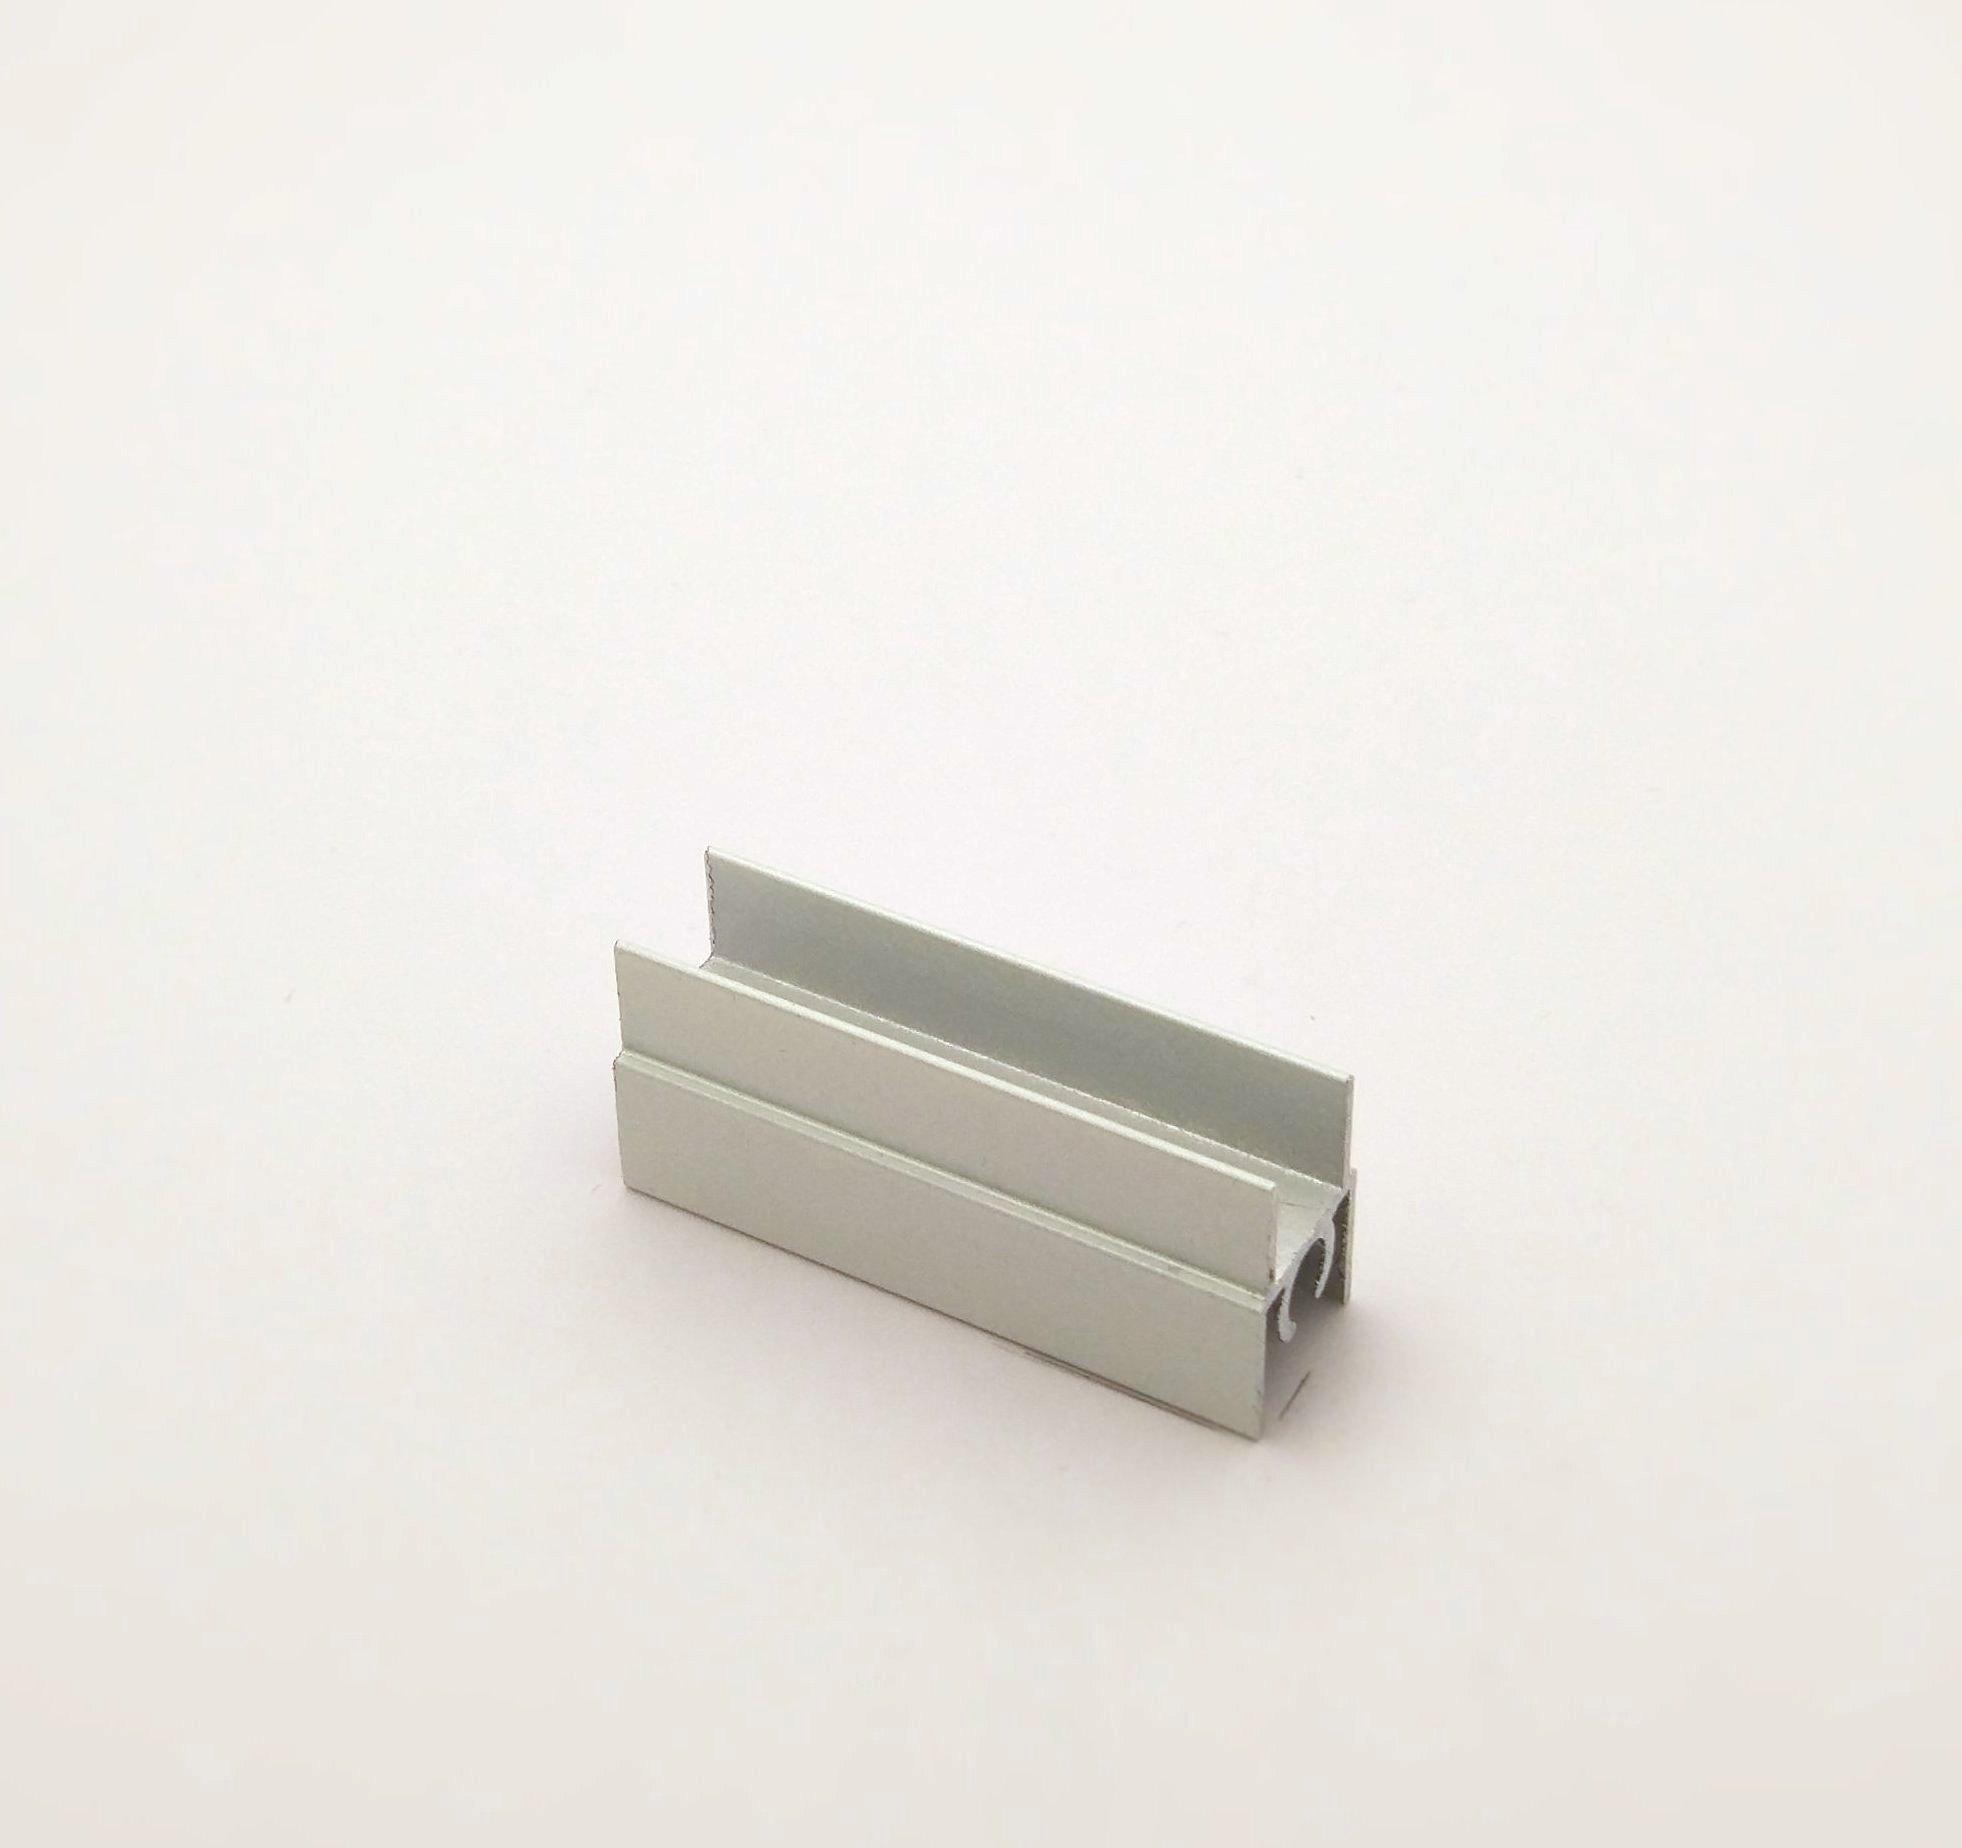 АФ Профиль горизонтальный верхний 196, жемчуг, 6000мм